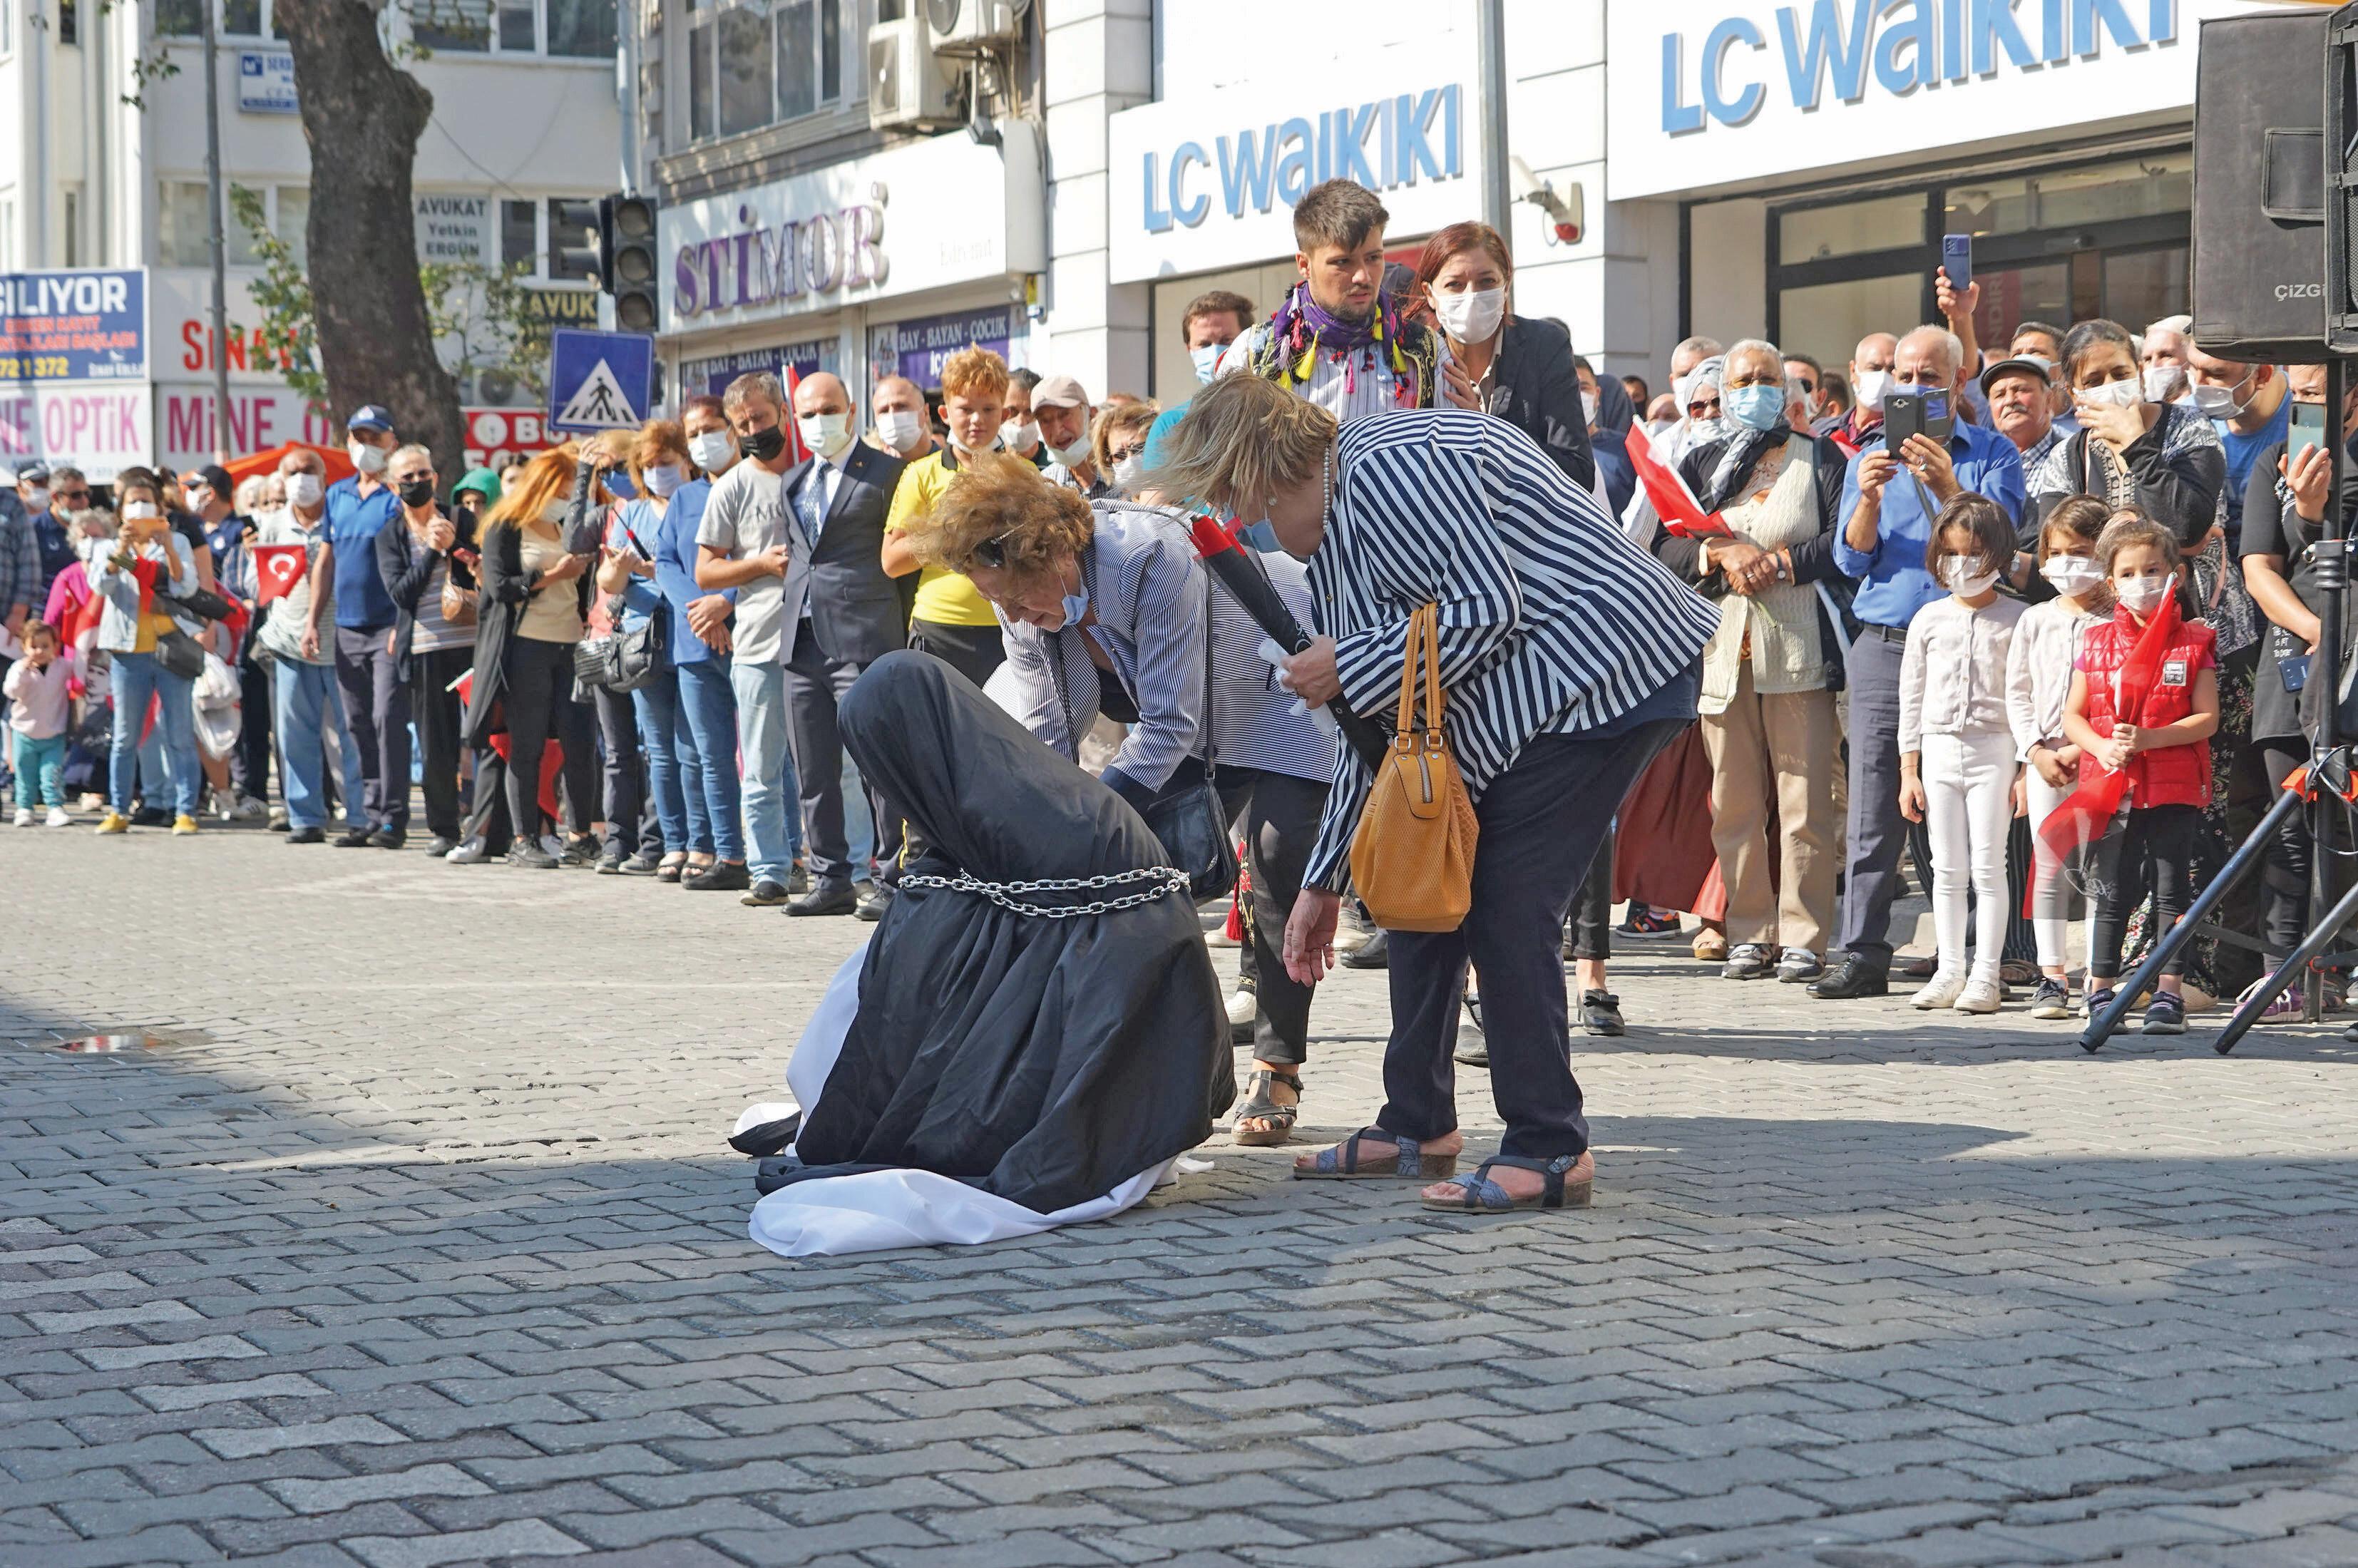 Törende zincire vurulan çarşaflı bir kadına diz çöktürüldü.